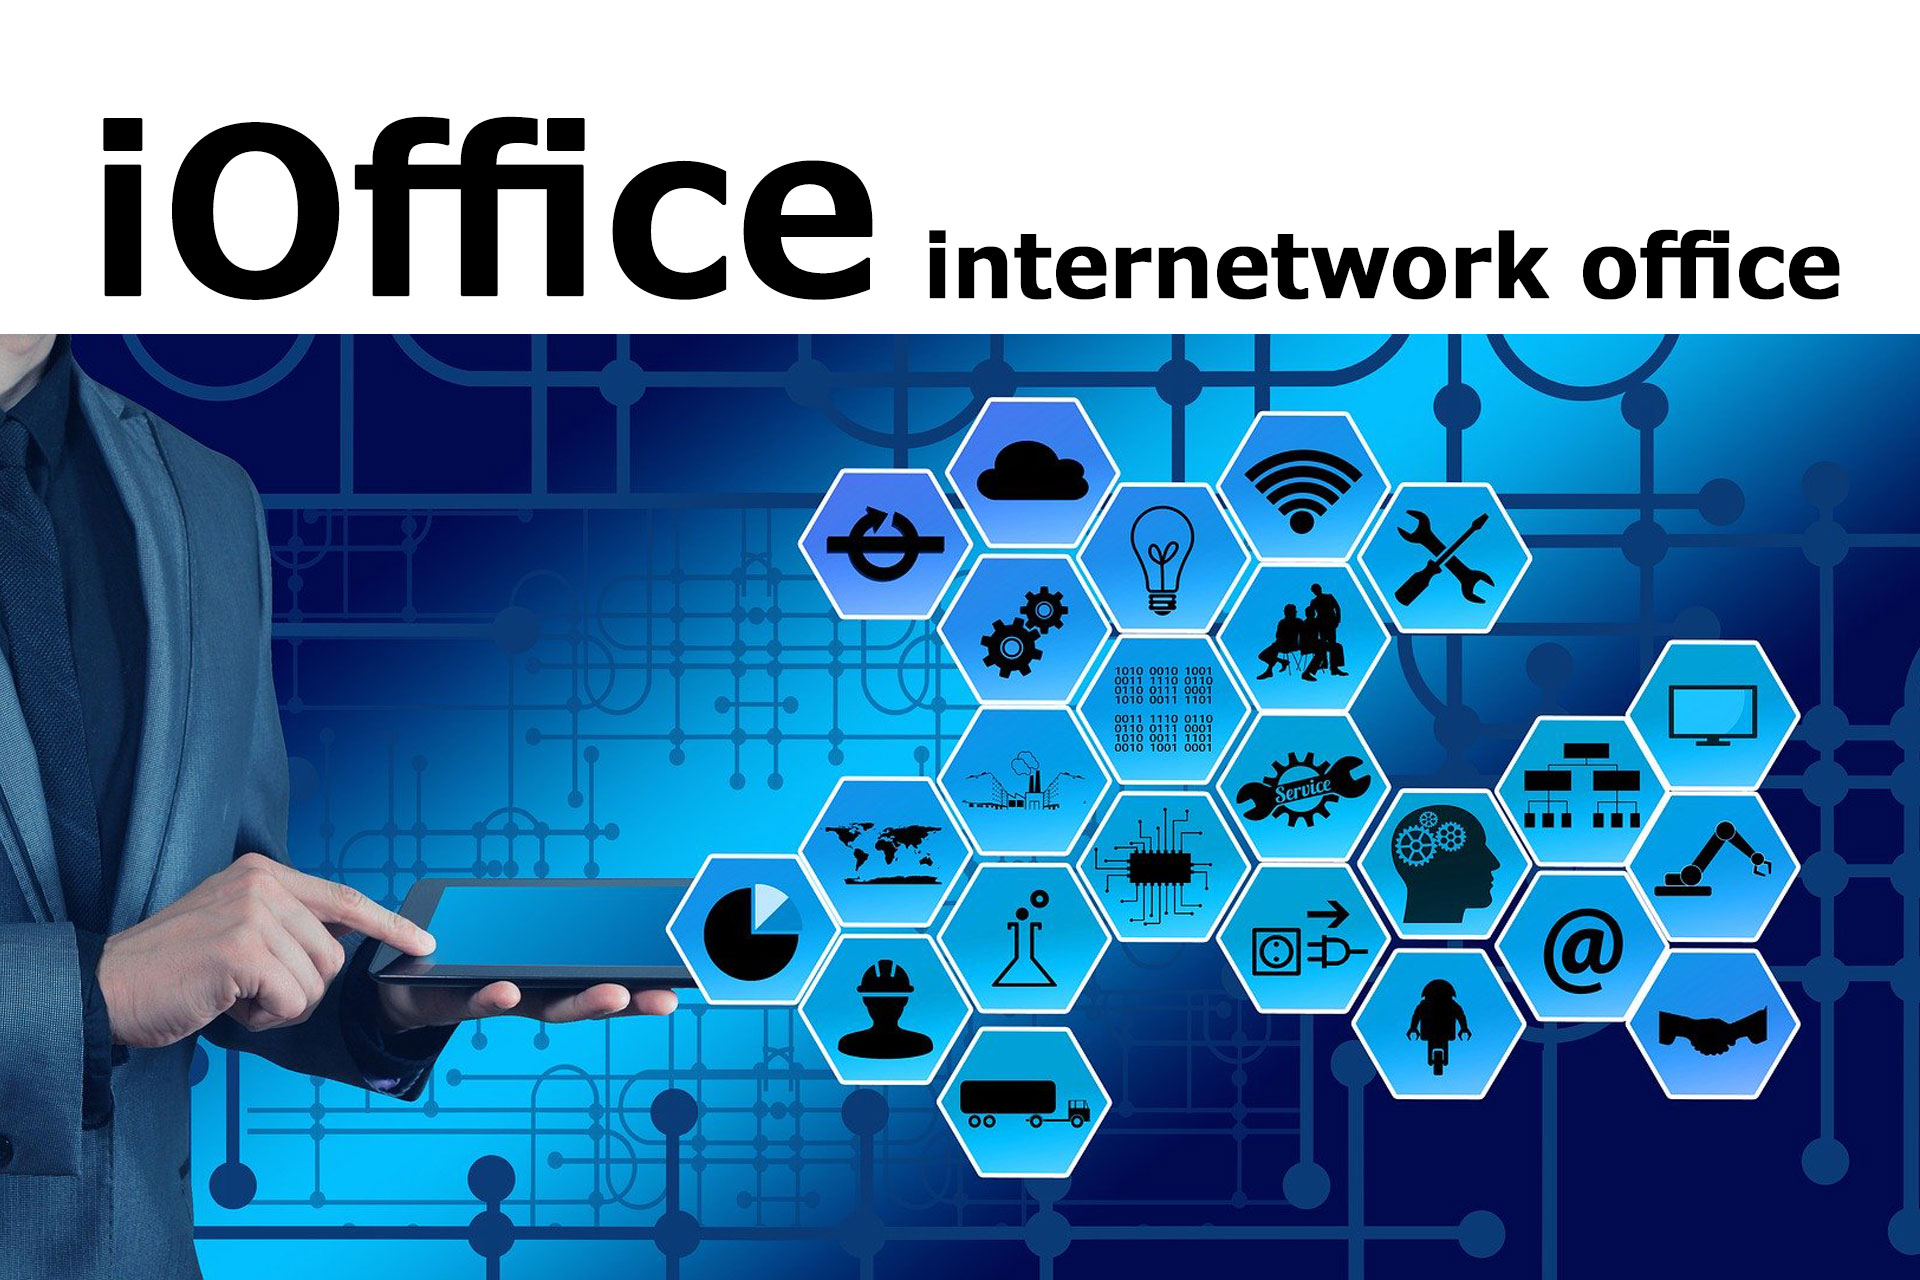 iOffice internetwork offie